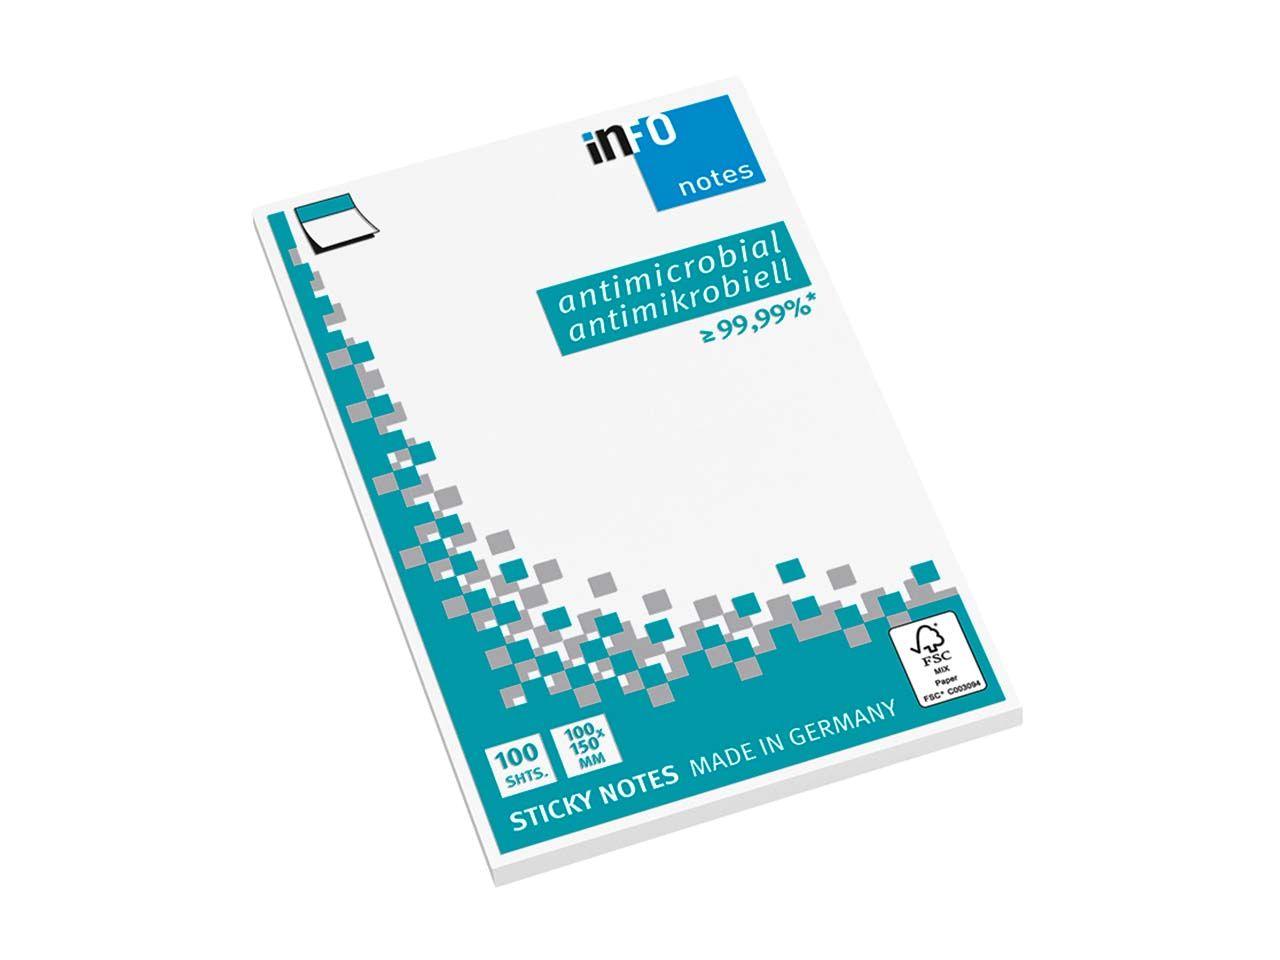 Info Hygienische Haftnotizen antimikrobiell, 12 x 100 Blatt, 100 x 150 mm, weiß 5169-08